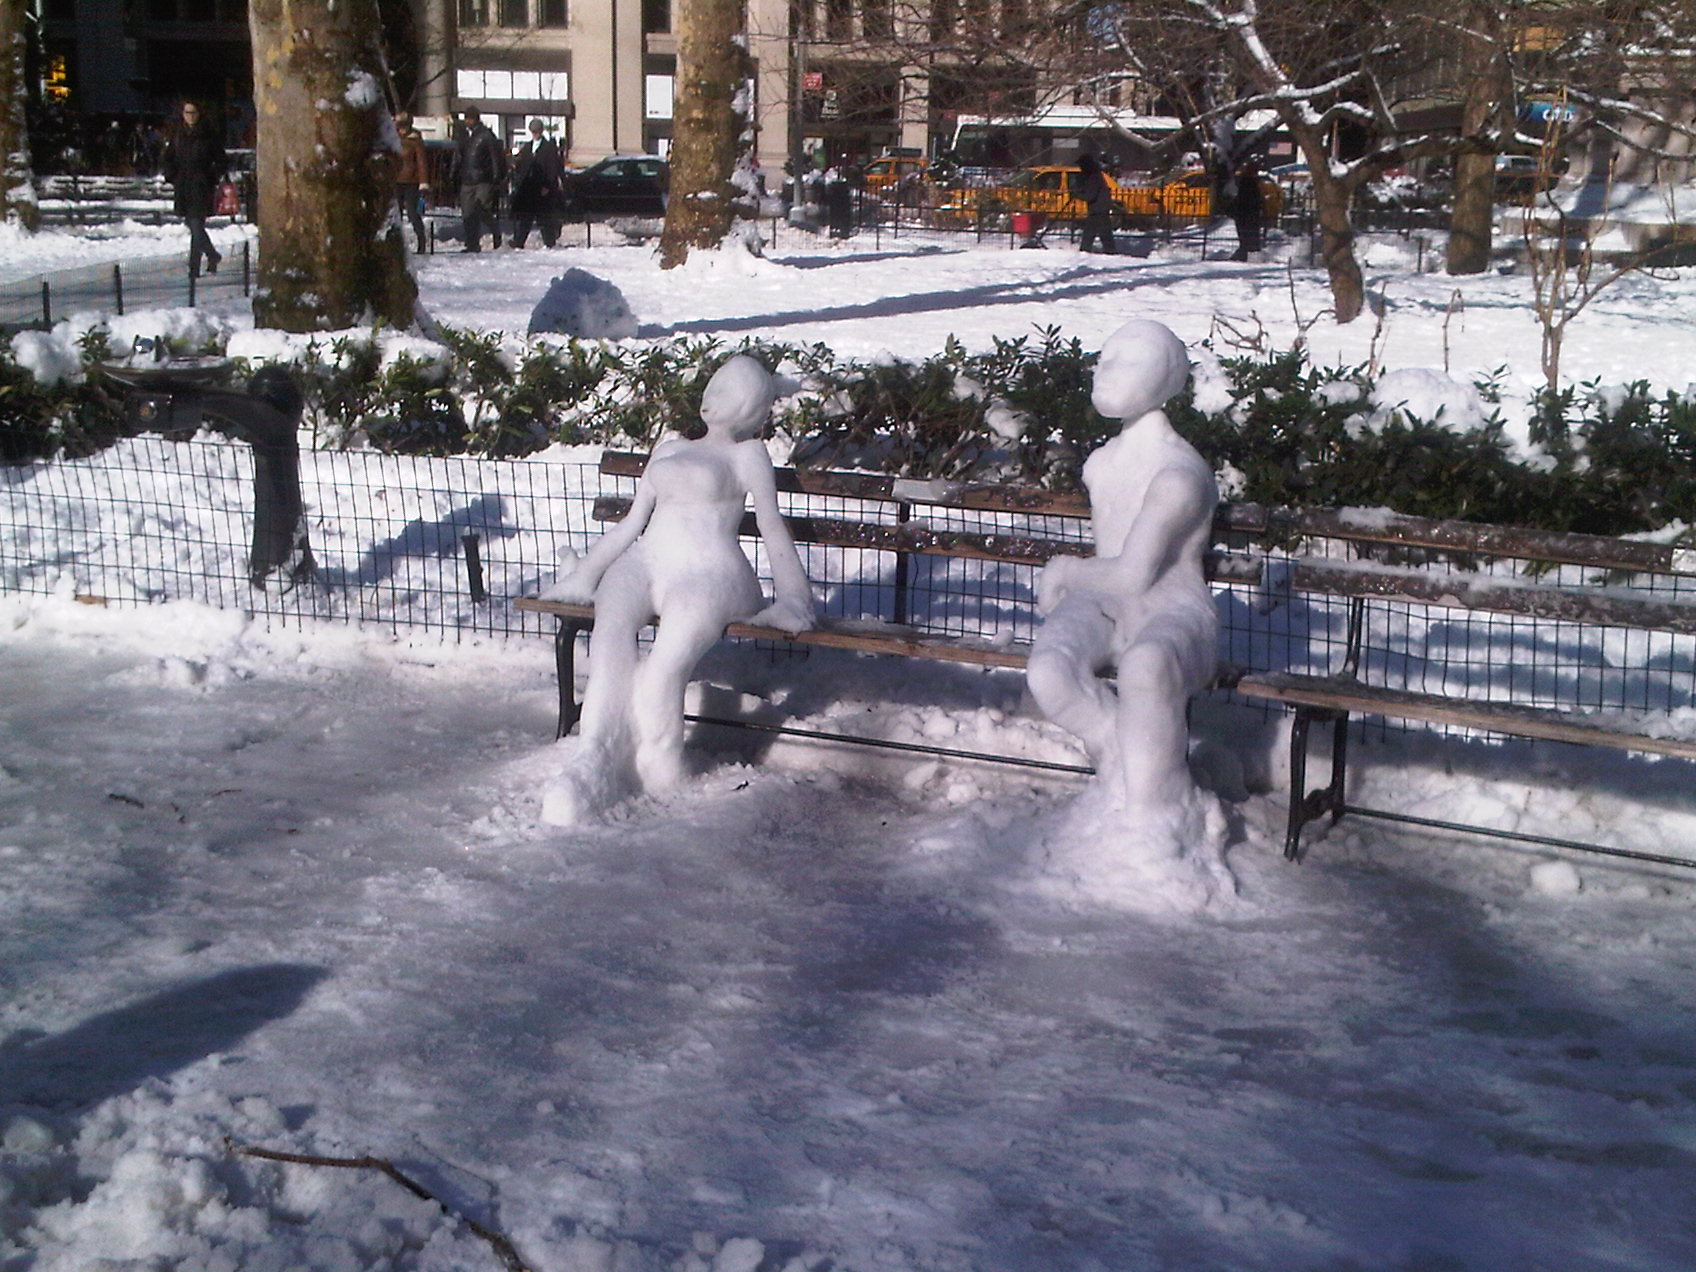 Snow sculptures Madison Square Park